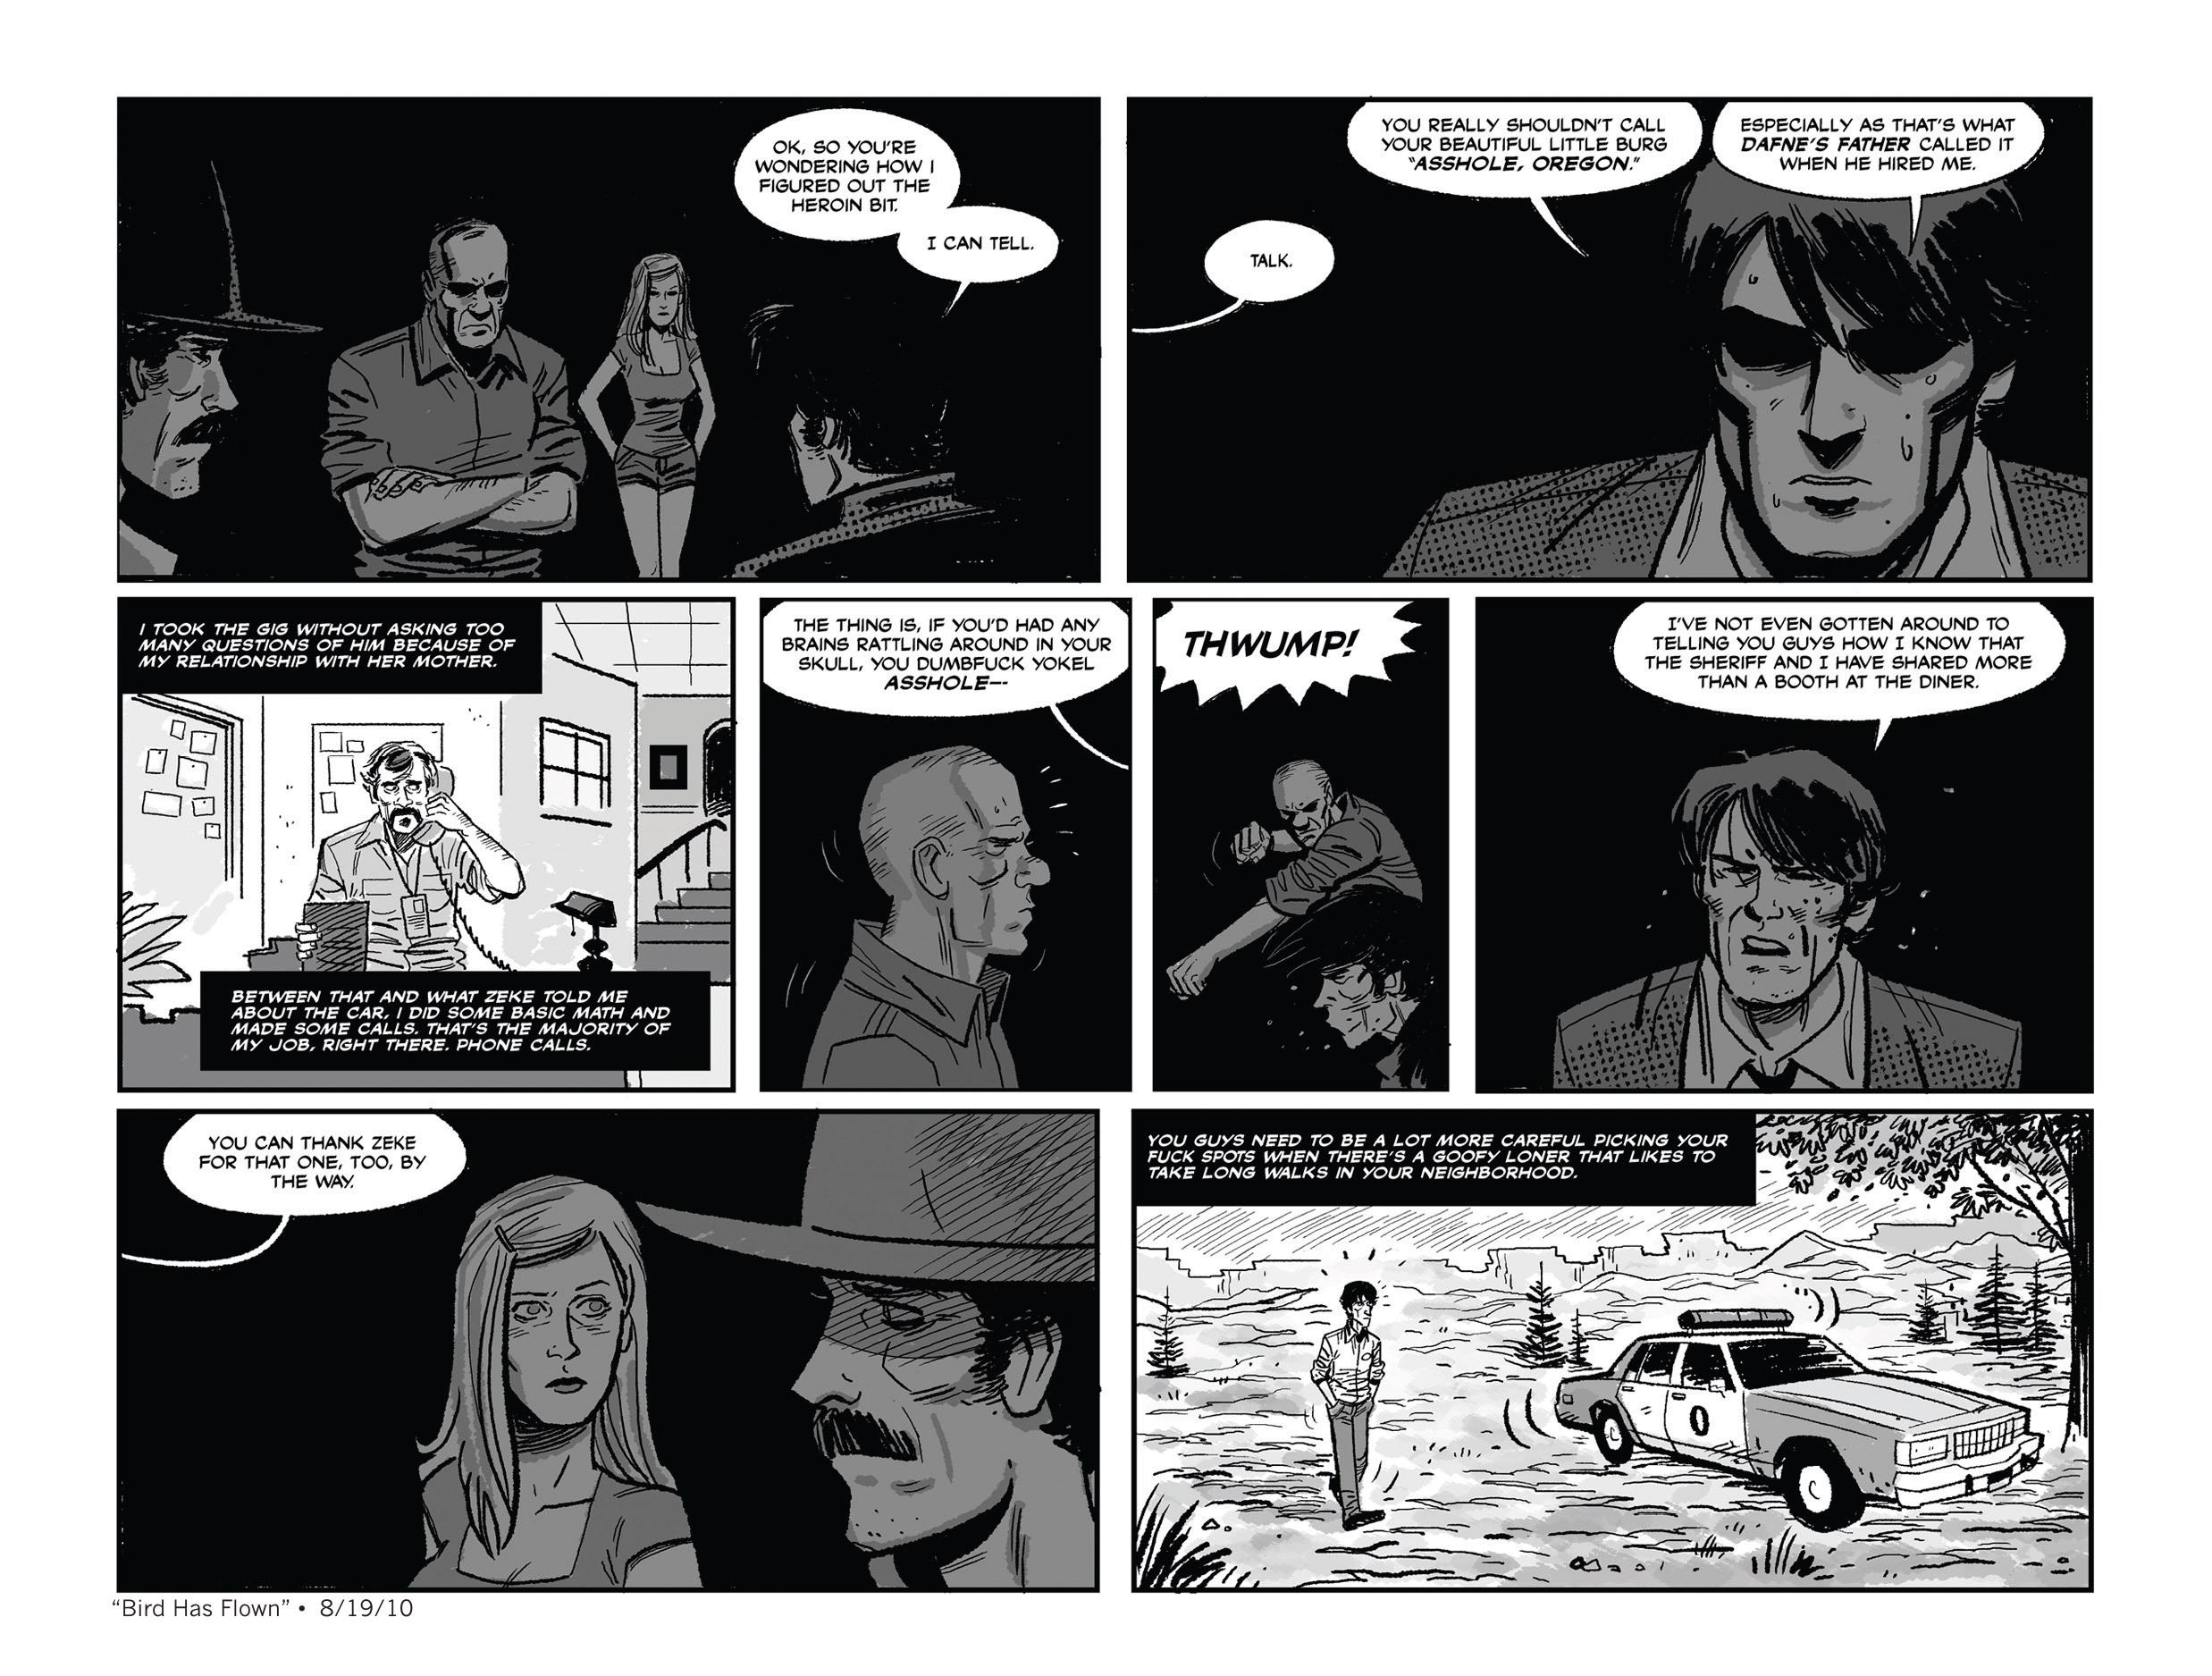 Read online She Died In Terrebonne comic -  Issue #3 - 14